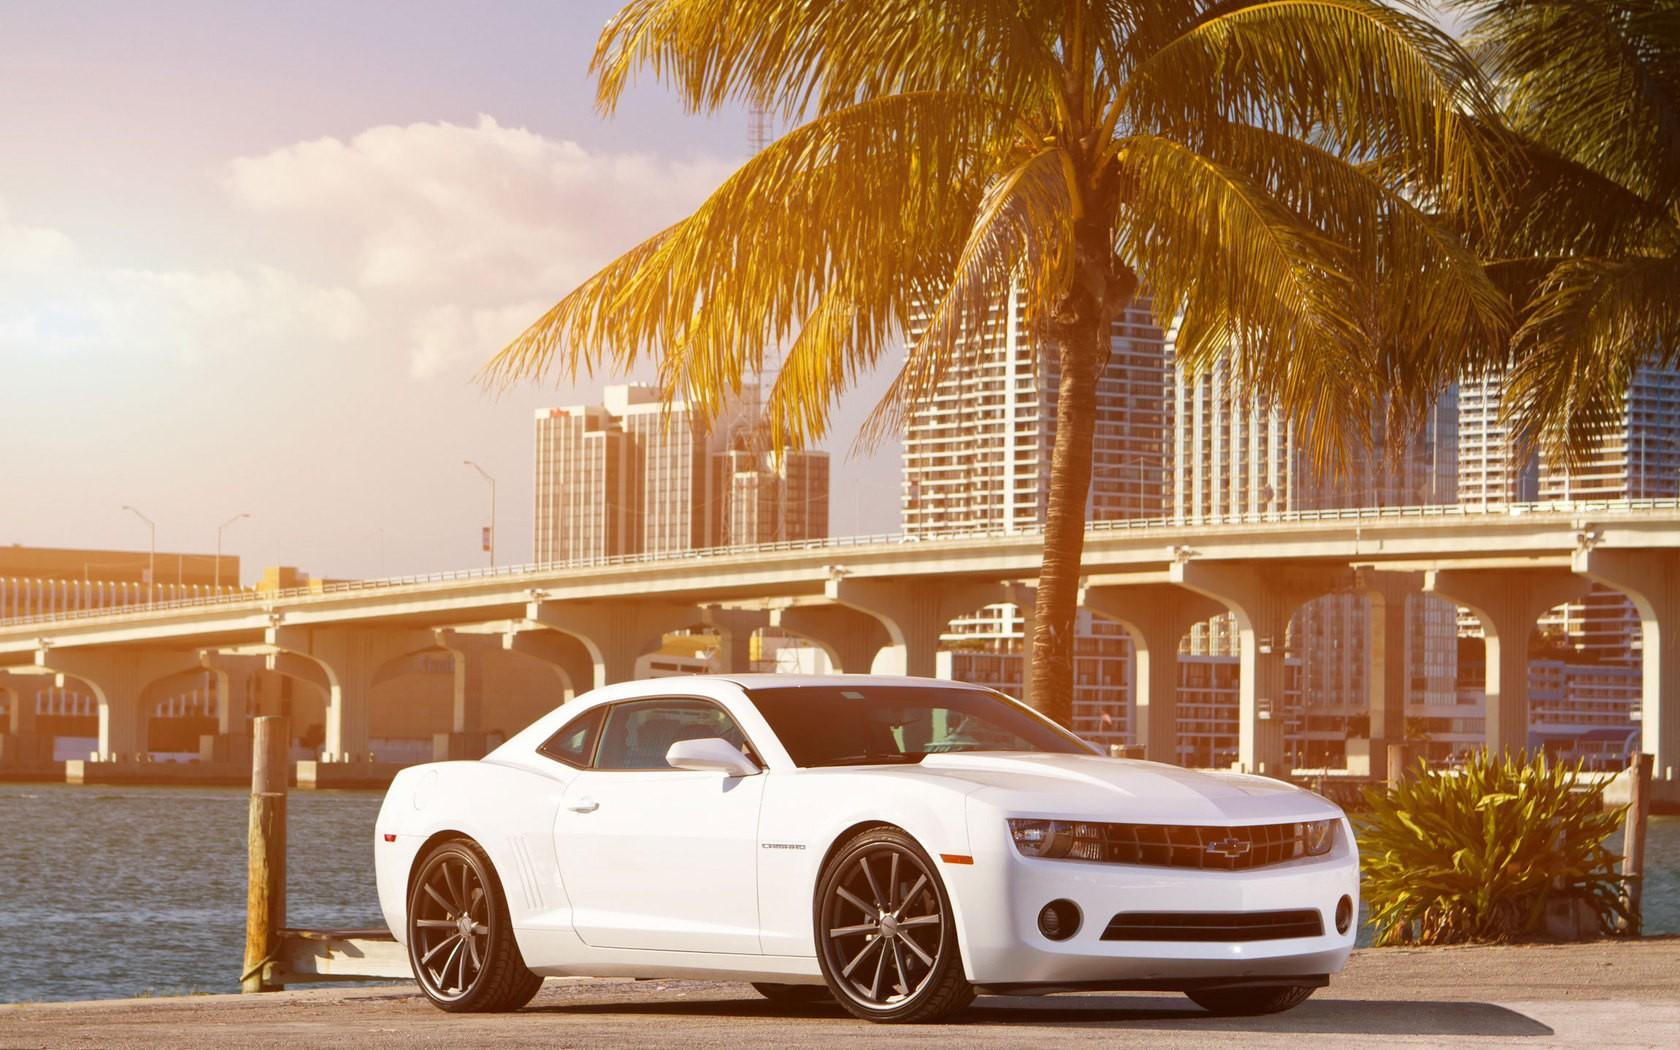 4k Wallpaper Muscle Car صور سيارات Hd خلفيات وصور السيارات بأعلي جودة ميكساتك